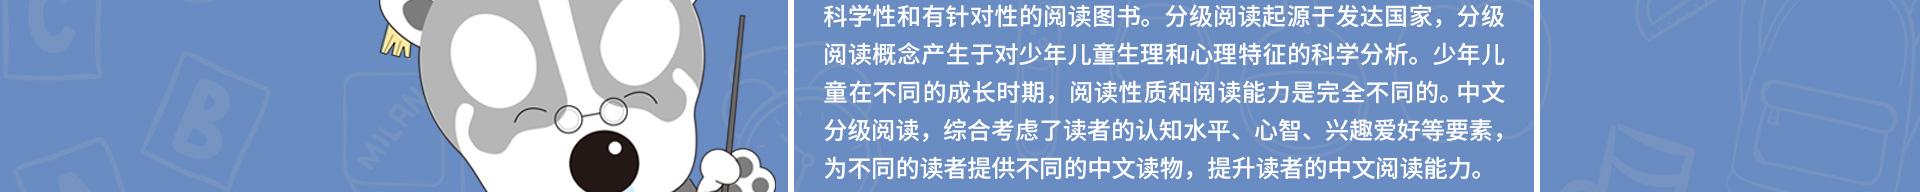 快乐书童阅读馆PC-快乐书童-许小琥_08